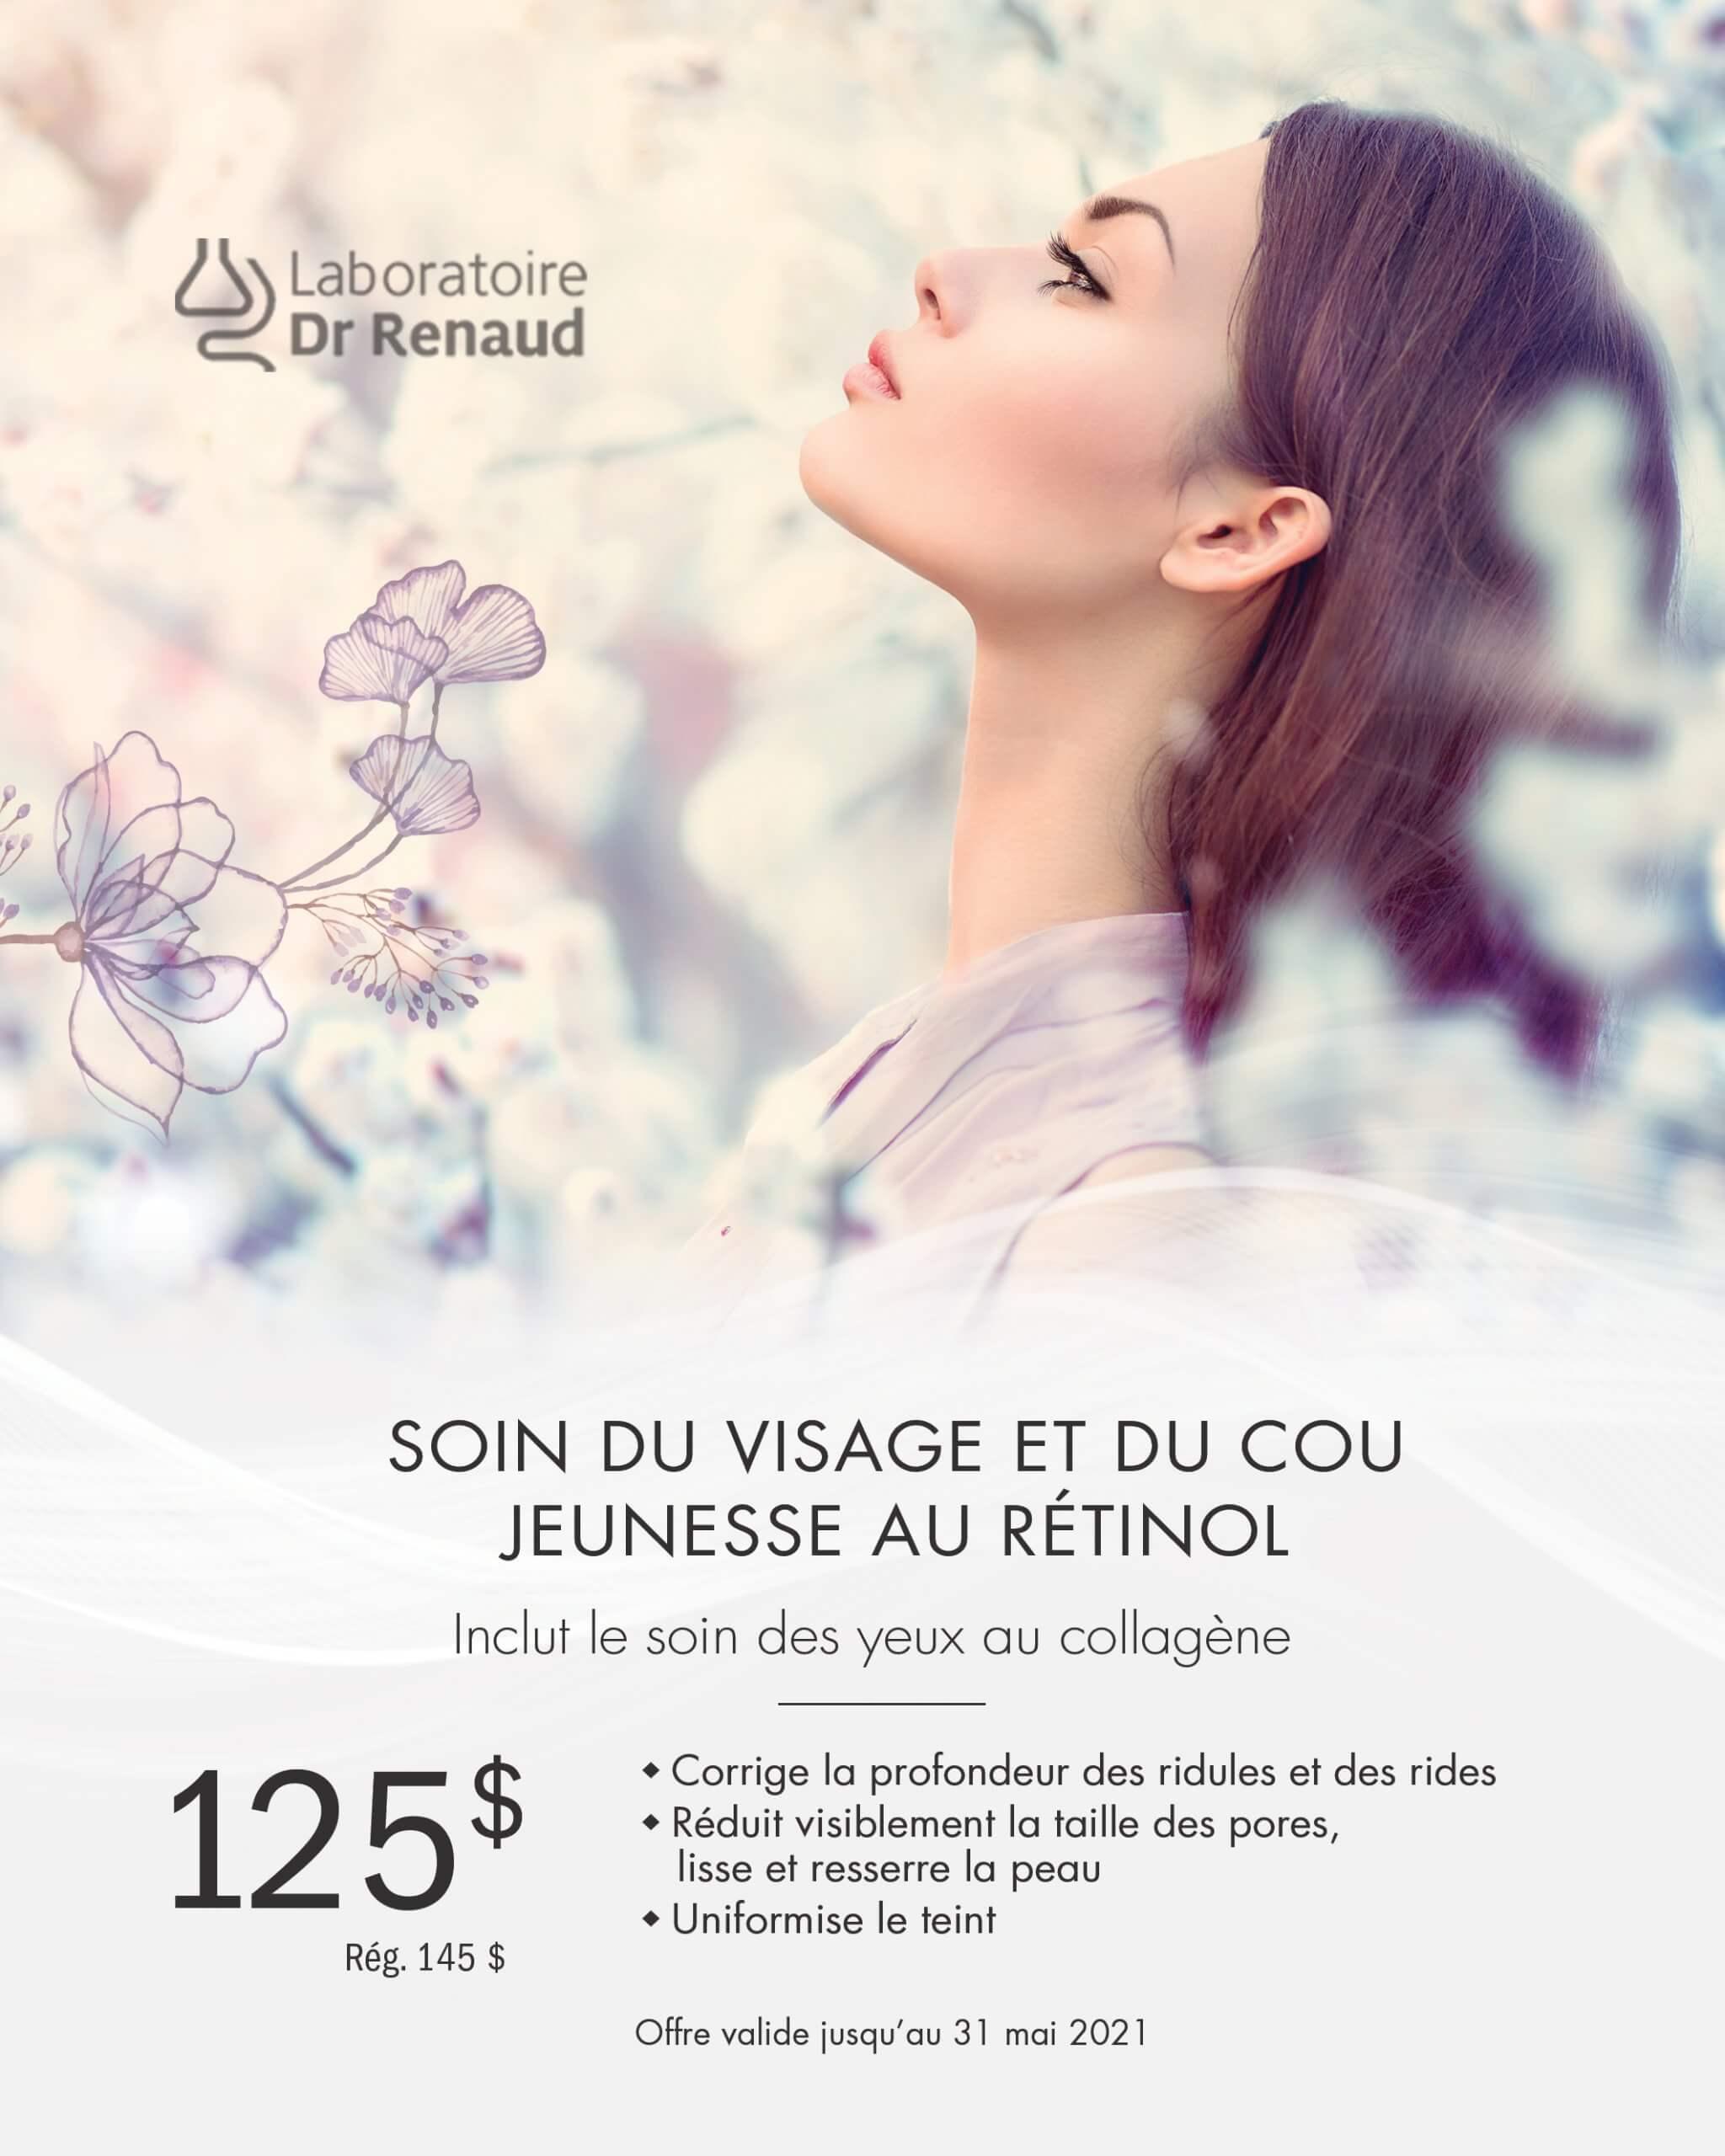 Promotion Soin du visage et cou | Laboratoire Dr Renaud | Esthéticienne Longueuil